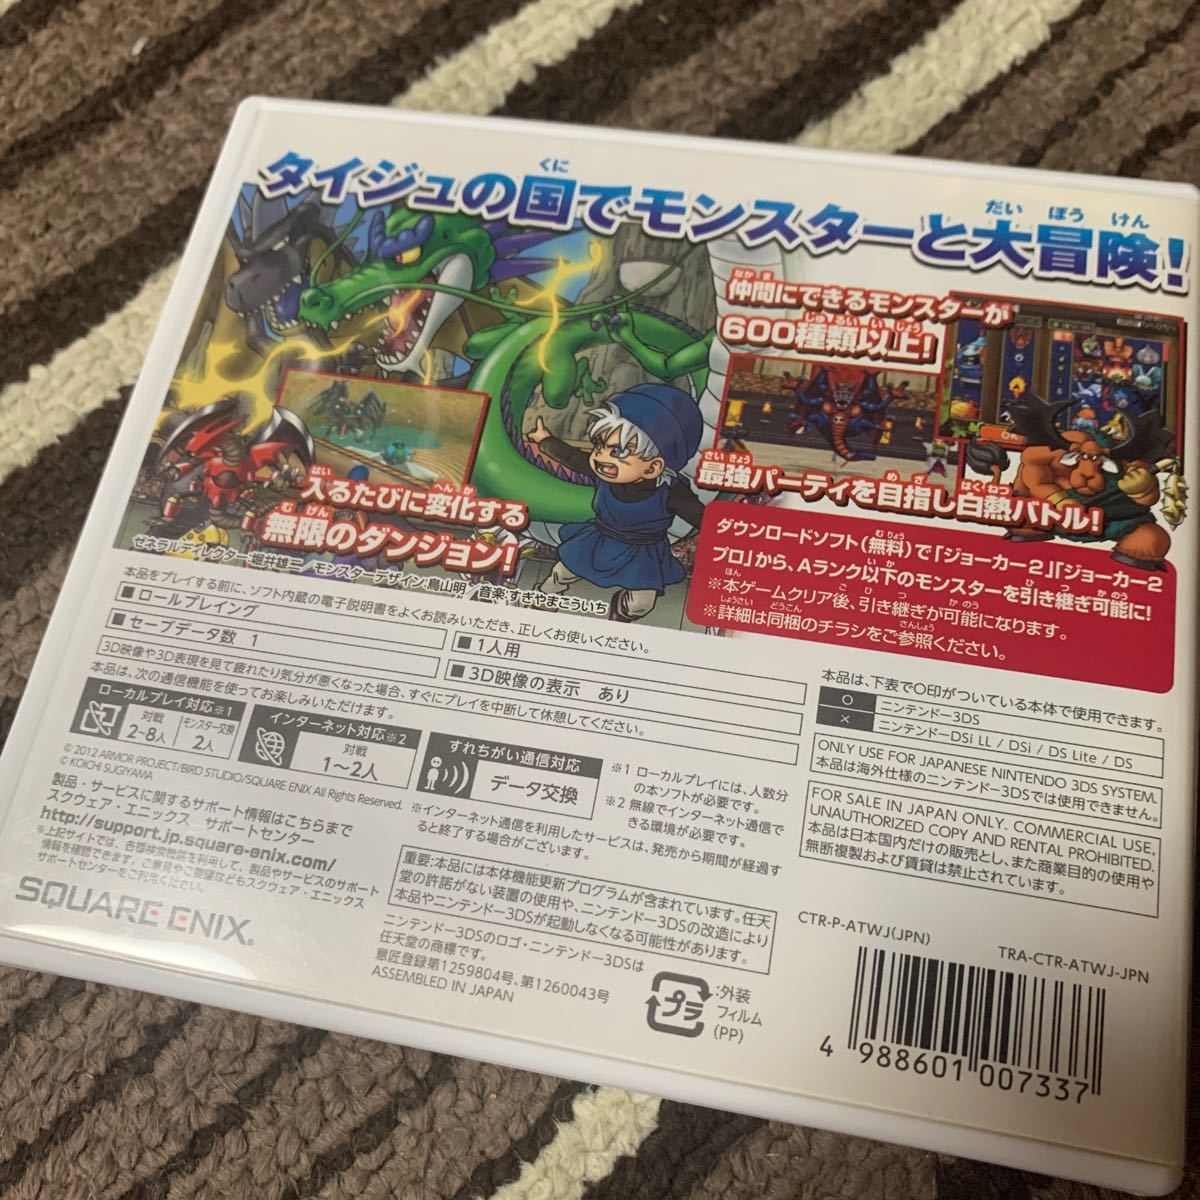 ドラゴンクエストモンスターズテリーのワンダーランド3D ニンテンドー3DS 3DS ドラクエ ドラゴンクエストモンスターズ